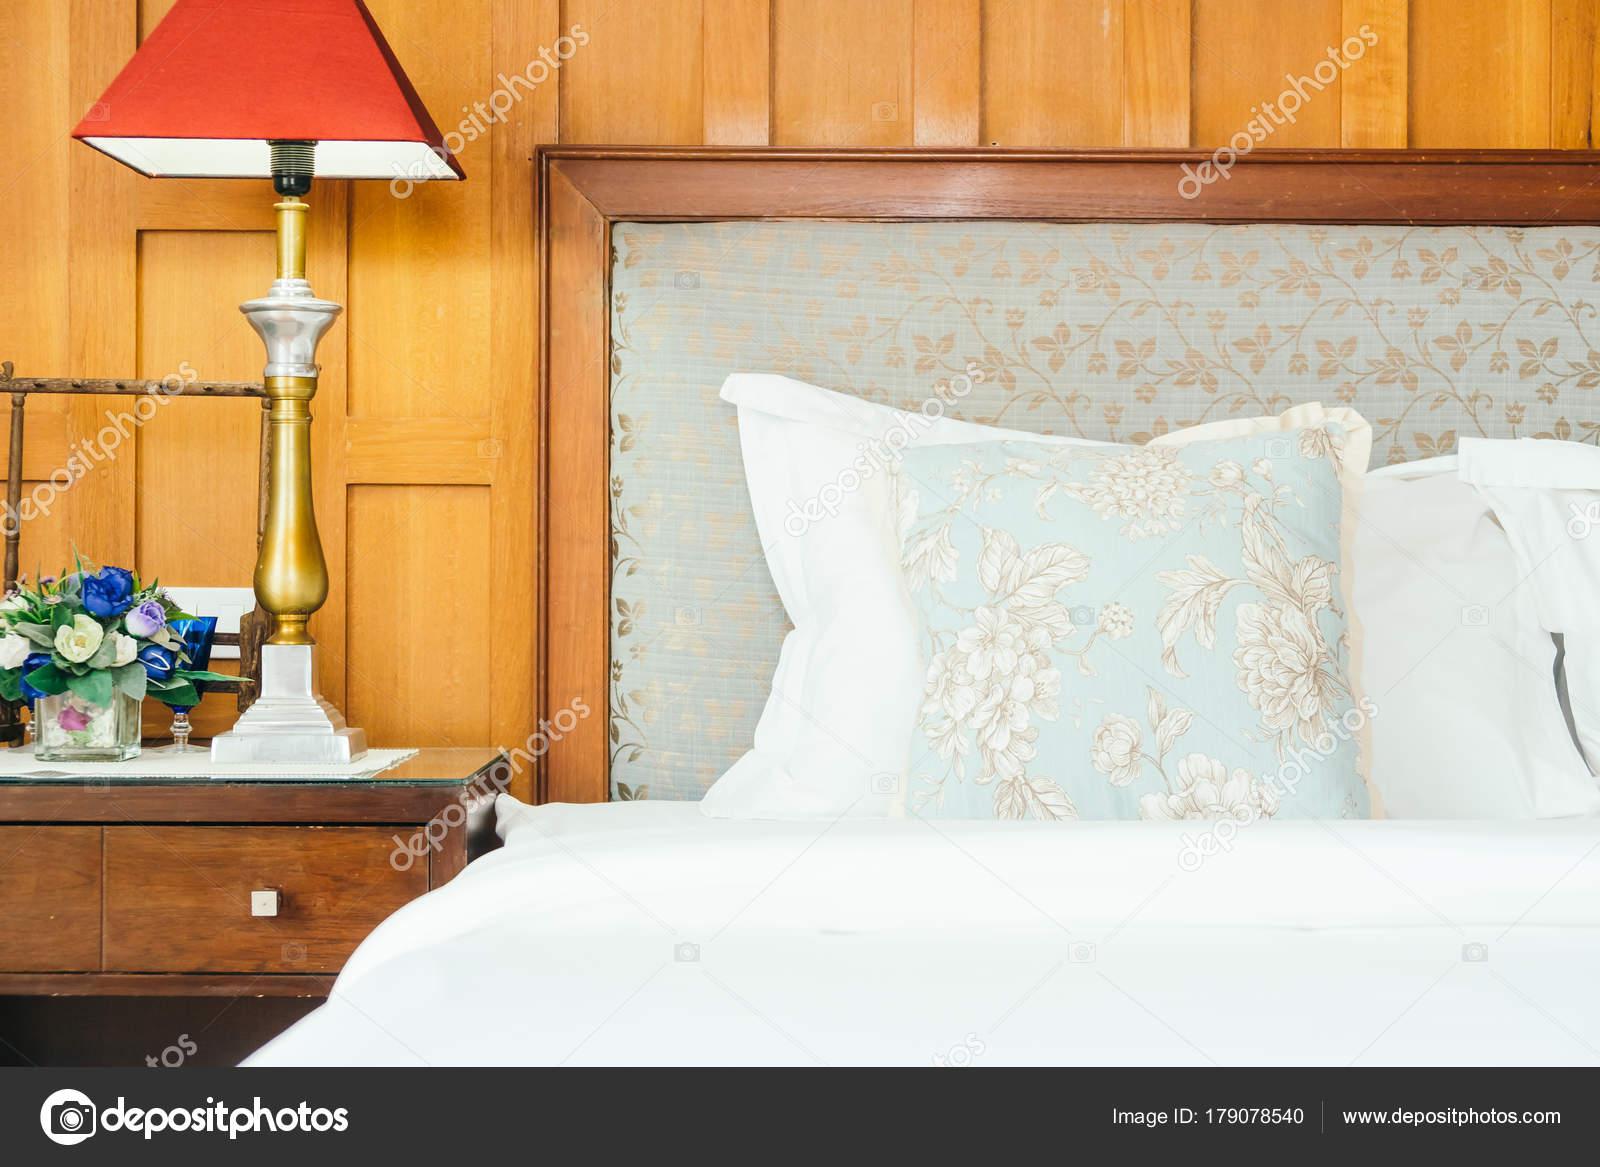 Attraktiv Komfort Kissen Auf Dem Bett Mit Lampe Dekoration Hotel Schlafzimmer U2014  Stockfoto